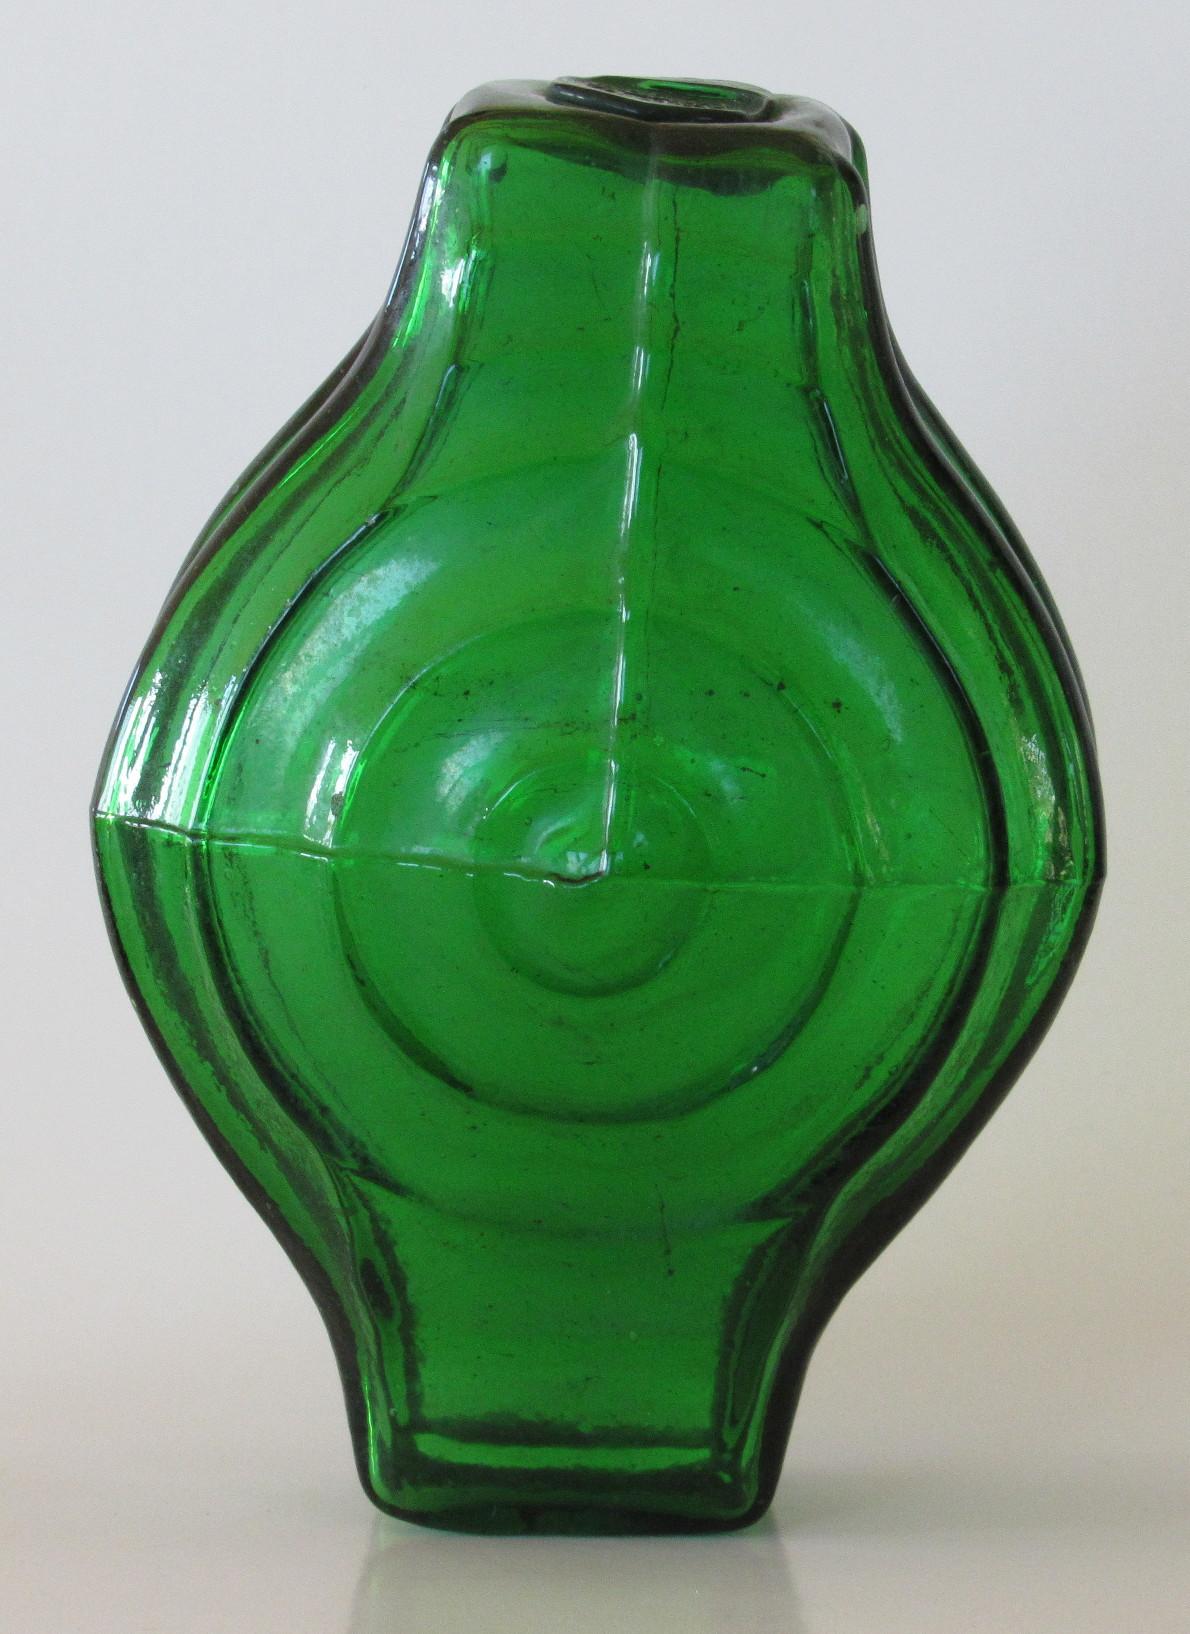 Gustave Falconnier S Blown Glass Bricks Glassian